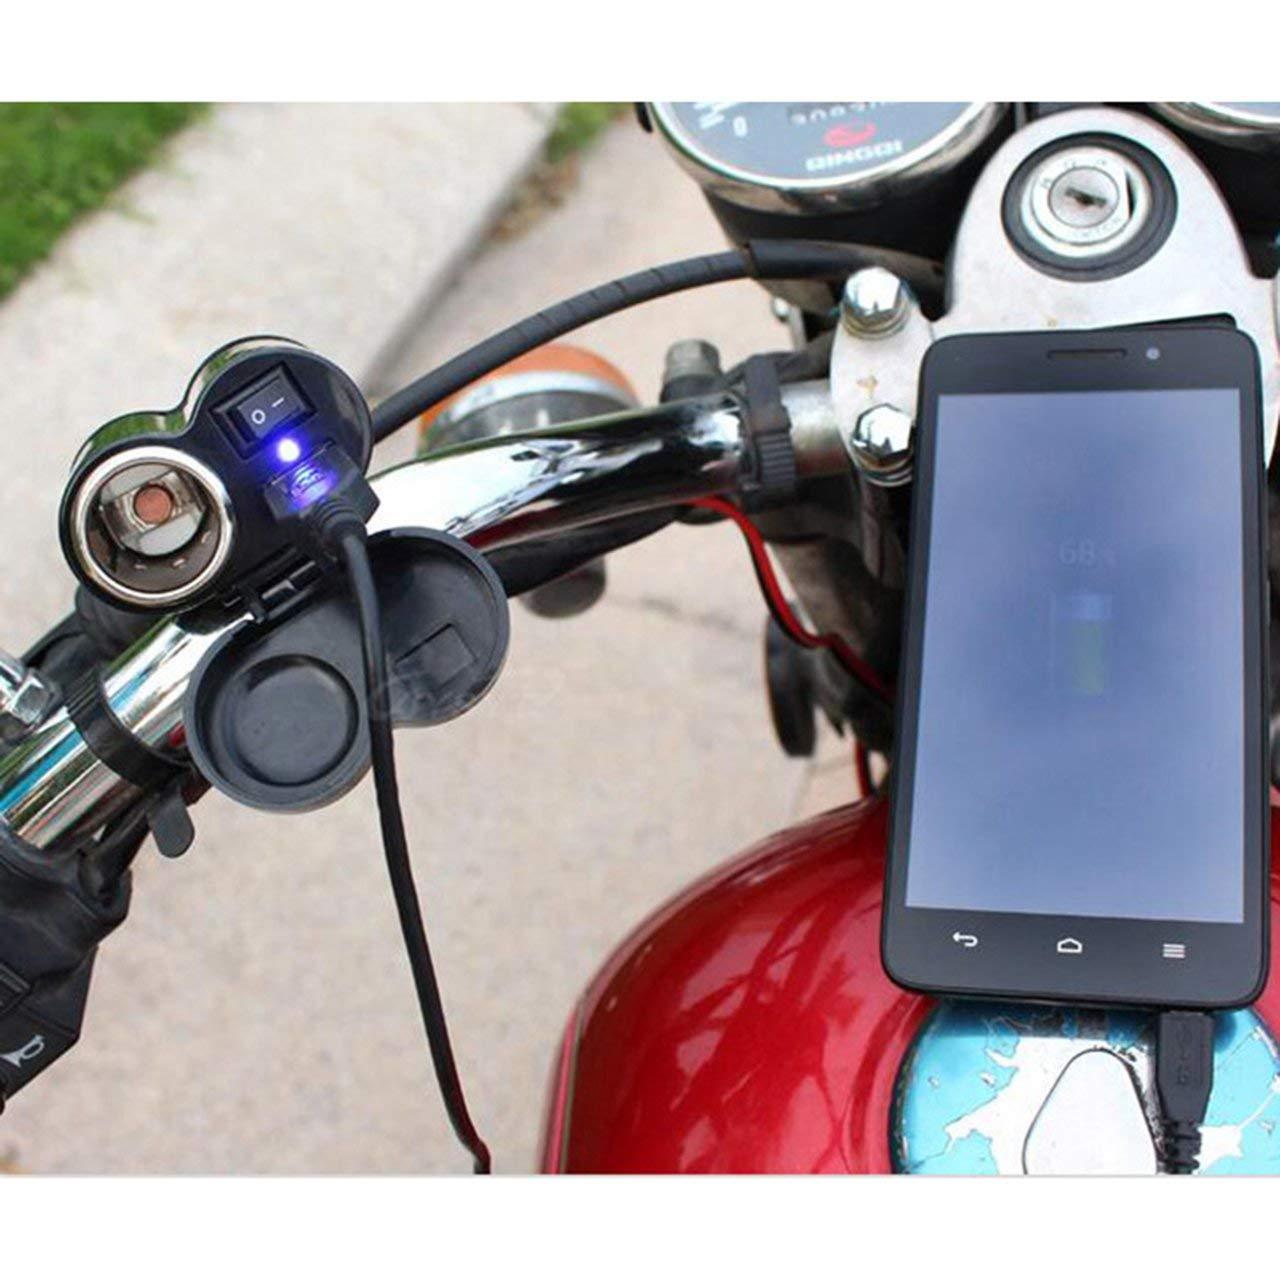 Moto usb chargeur 2-en-1 /étanche v/éhicule /électrique allume-cigare prise usb t/él/éphone mobile universel noir Jasnyfall